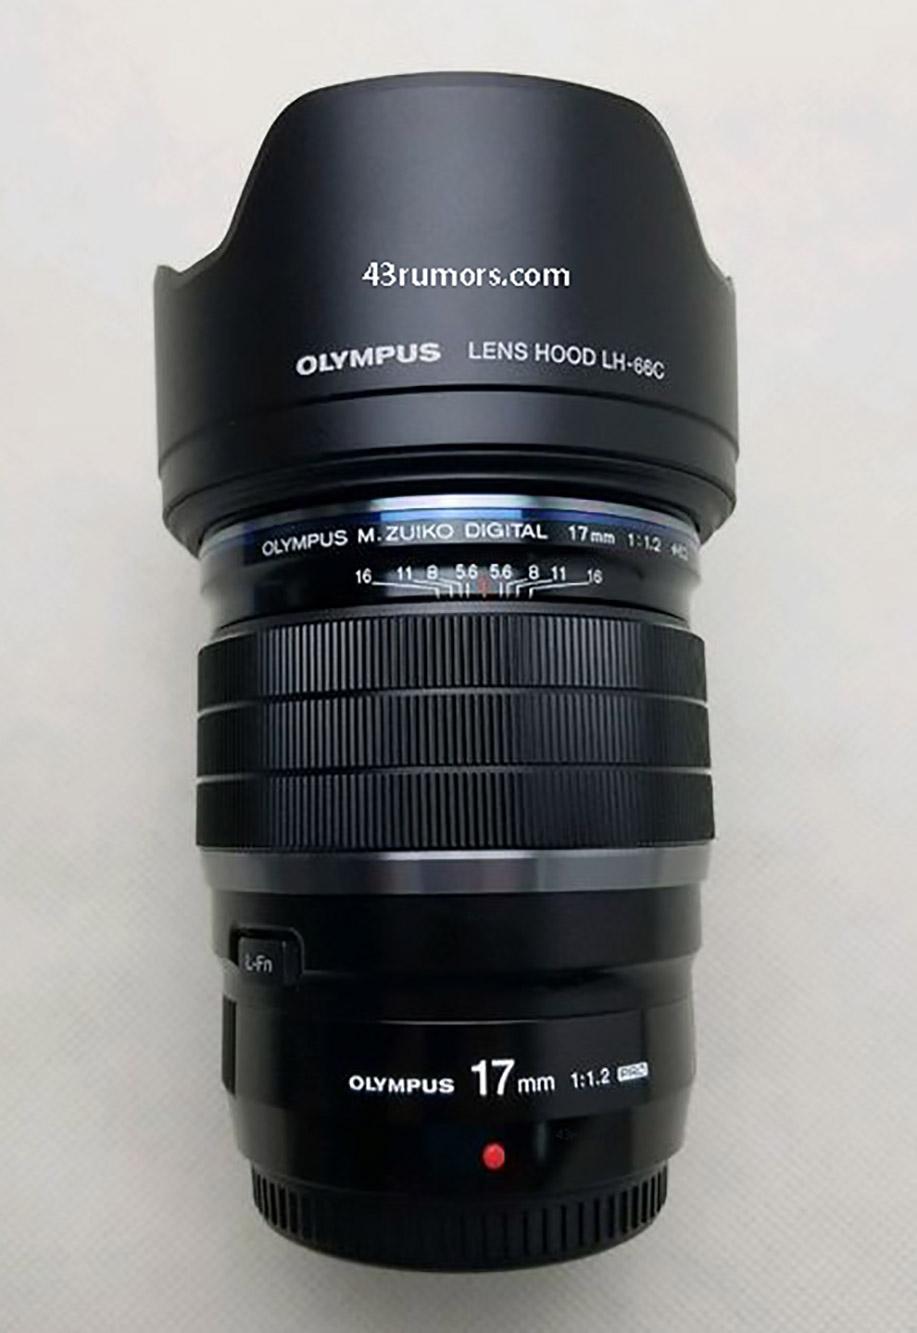 Olympus 12mm 12 - OLYMPUSの17mm F1.2 PROレンズの画像が公開されました